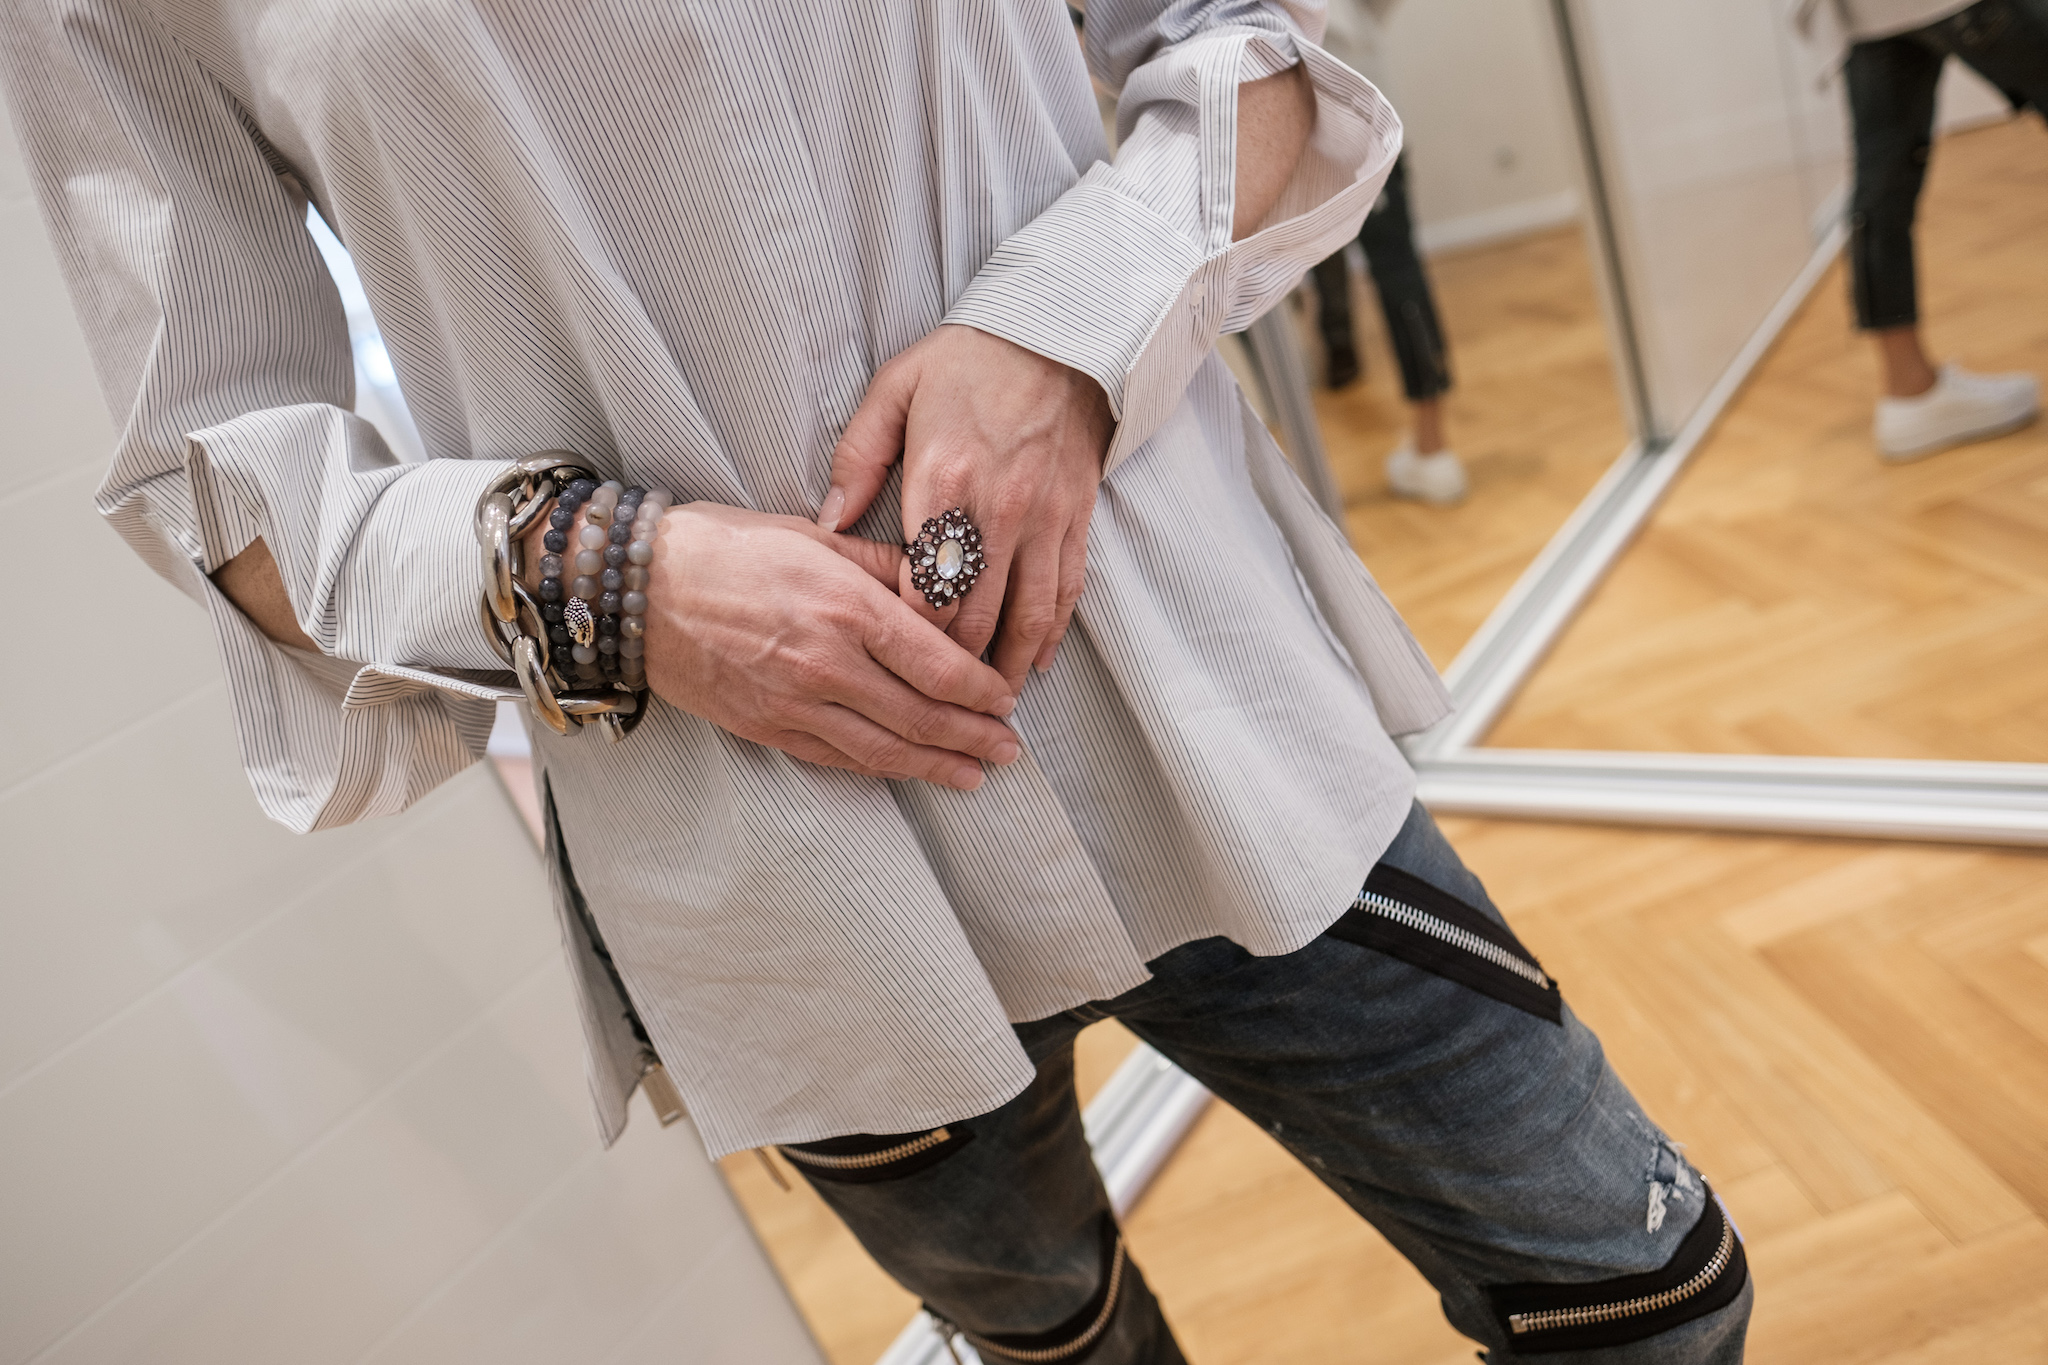 Dorothee Schumacher Bluse gestreift, Bluse gestreift mit tollen Details, dororthee Schumacher gestreifte Bluse, Fashion-Blog, Lieblingsstil.com,